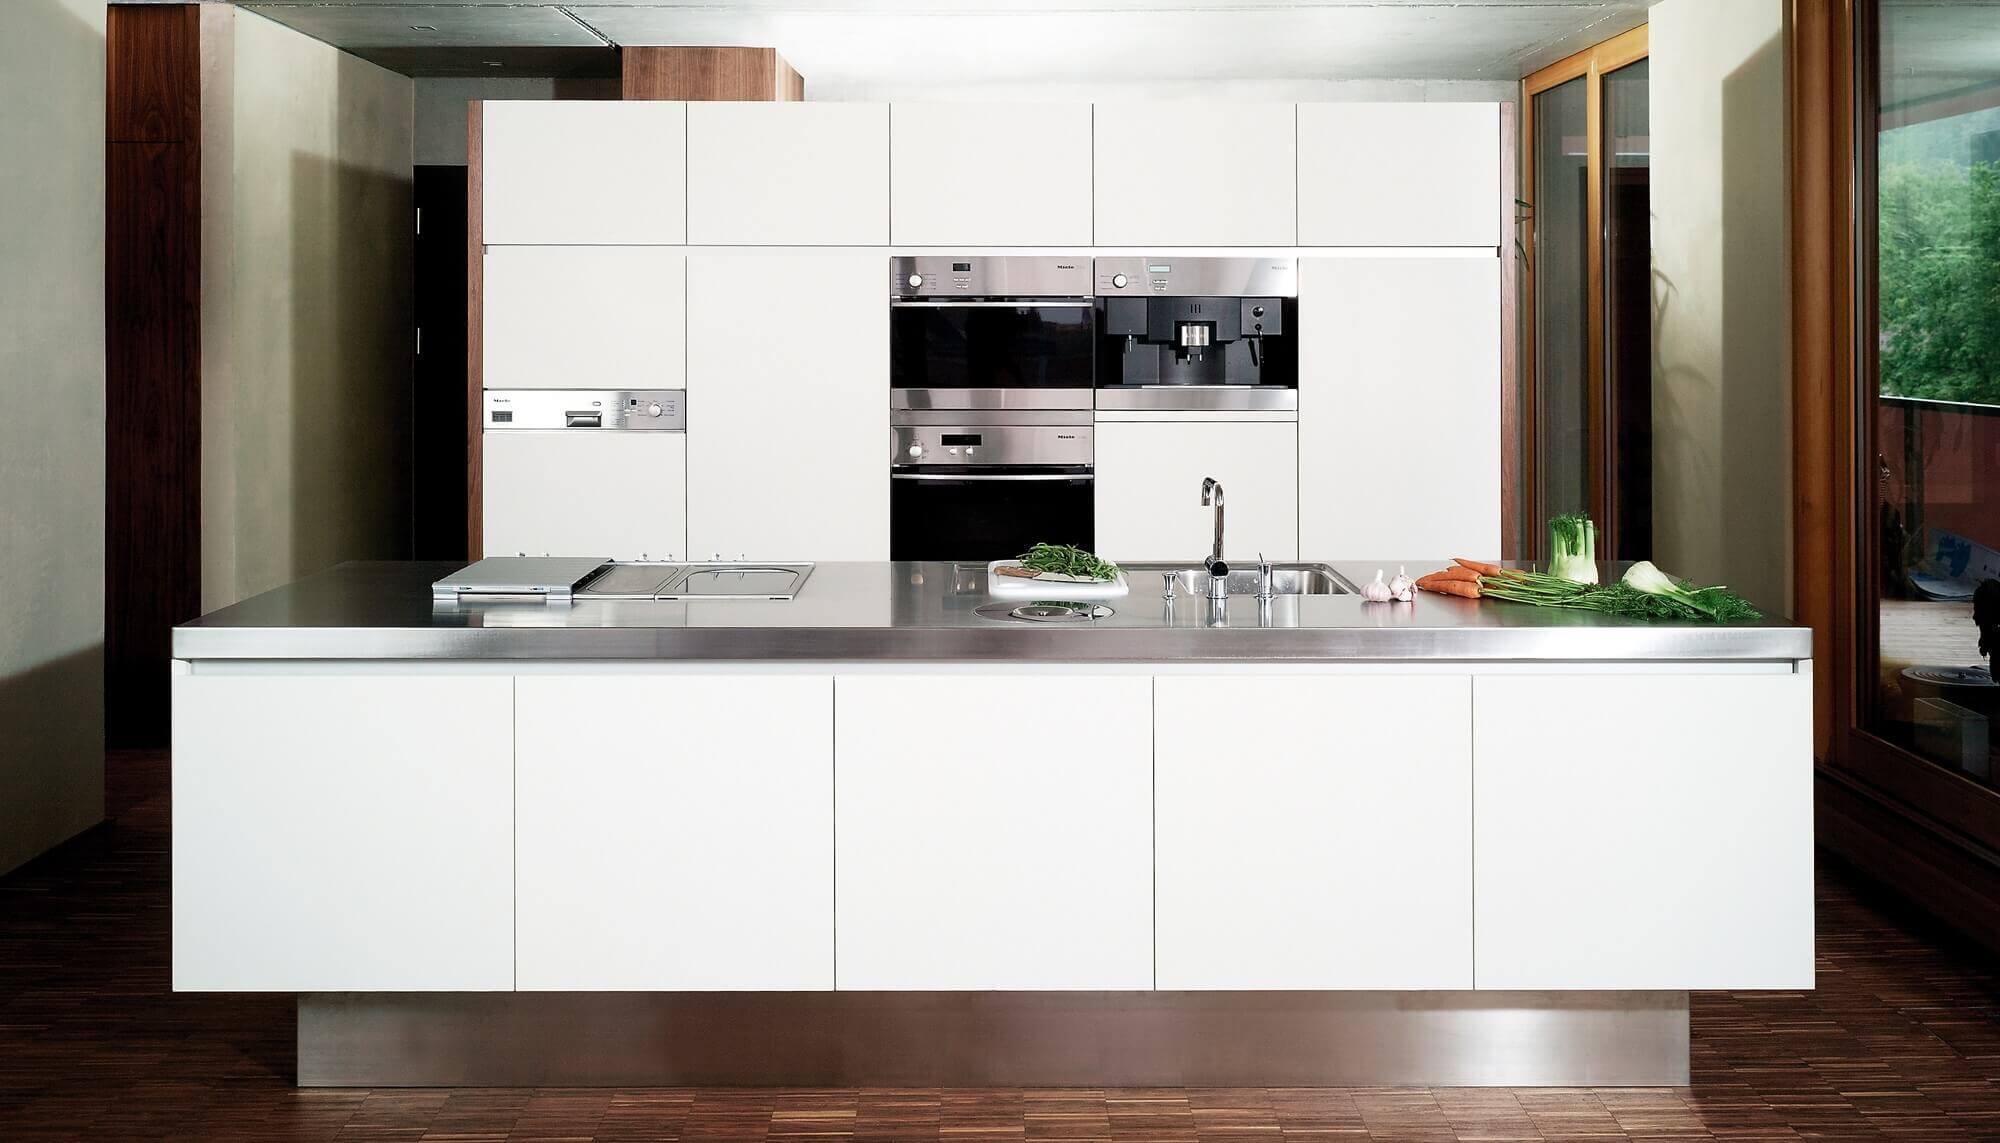 Weiße Küchen: 7 Ideen Und Bilder Für Küchen In Weiß